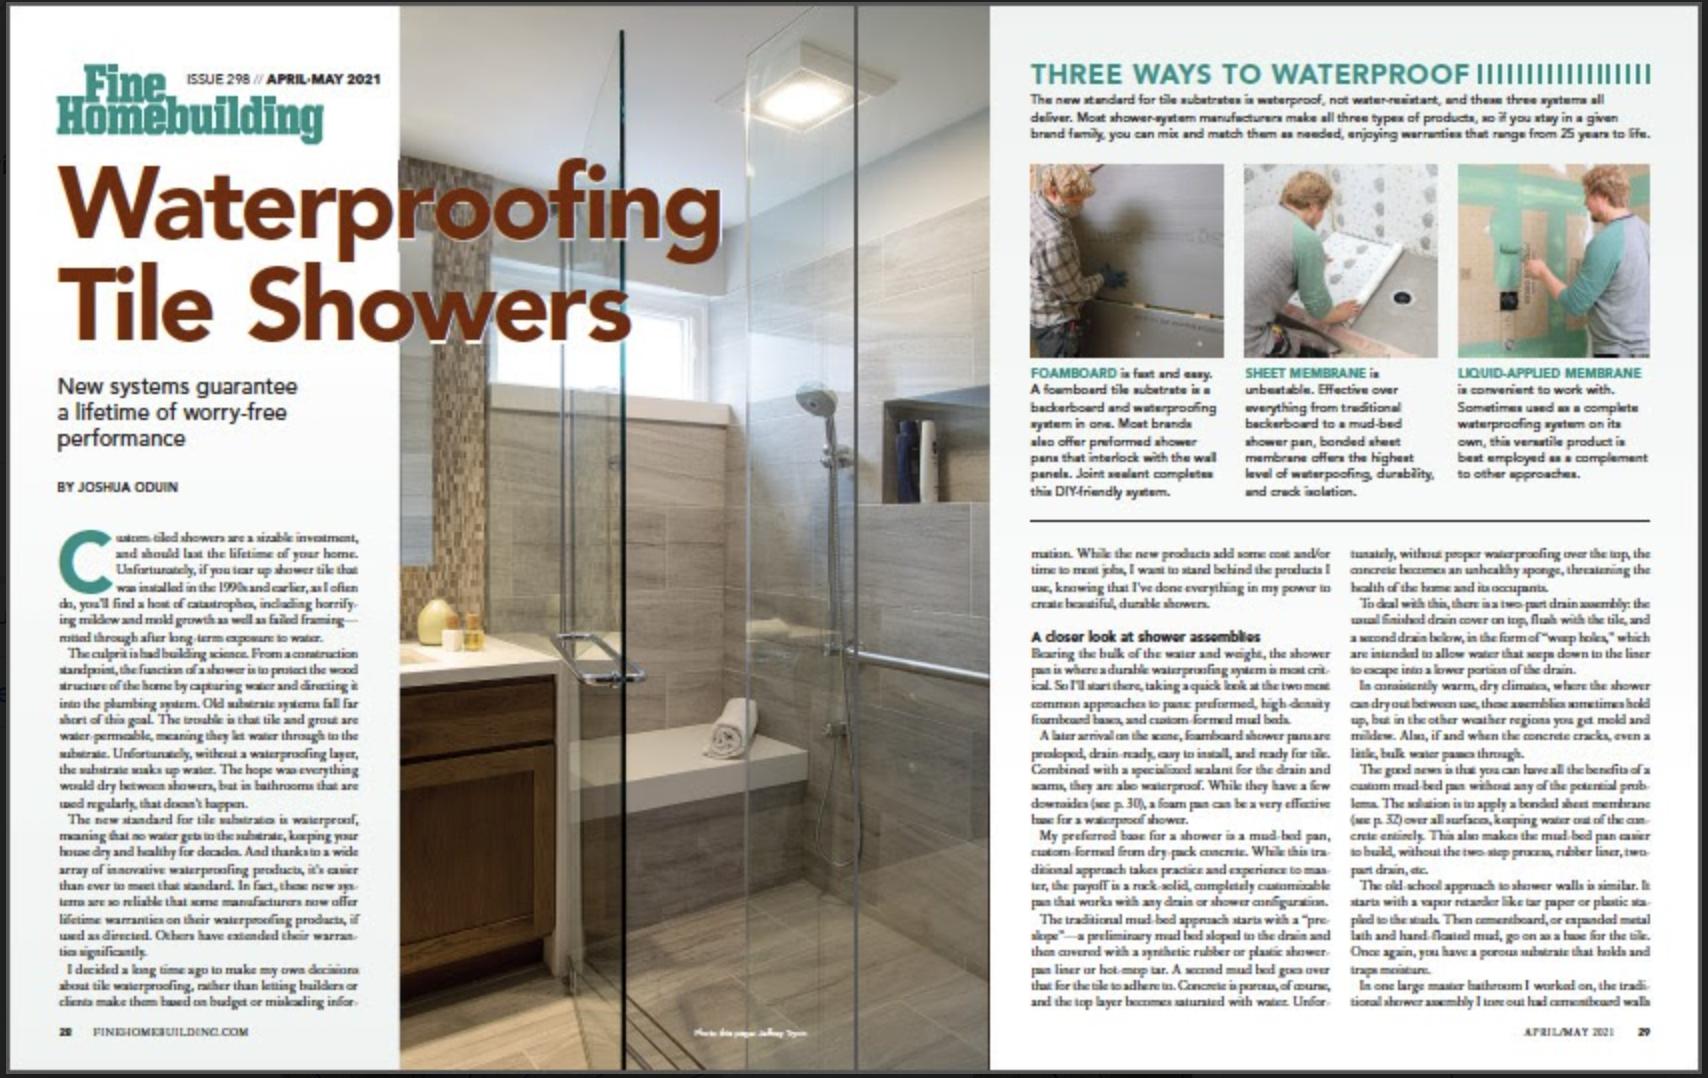 Waterproofing Tile Showers